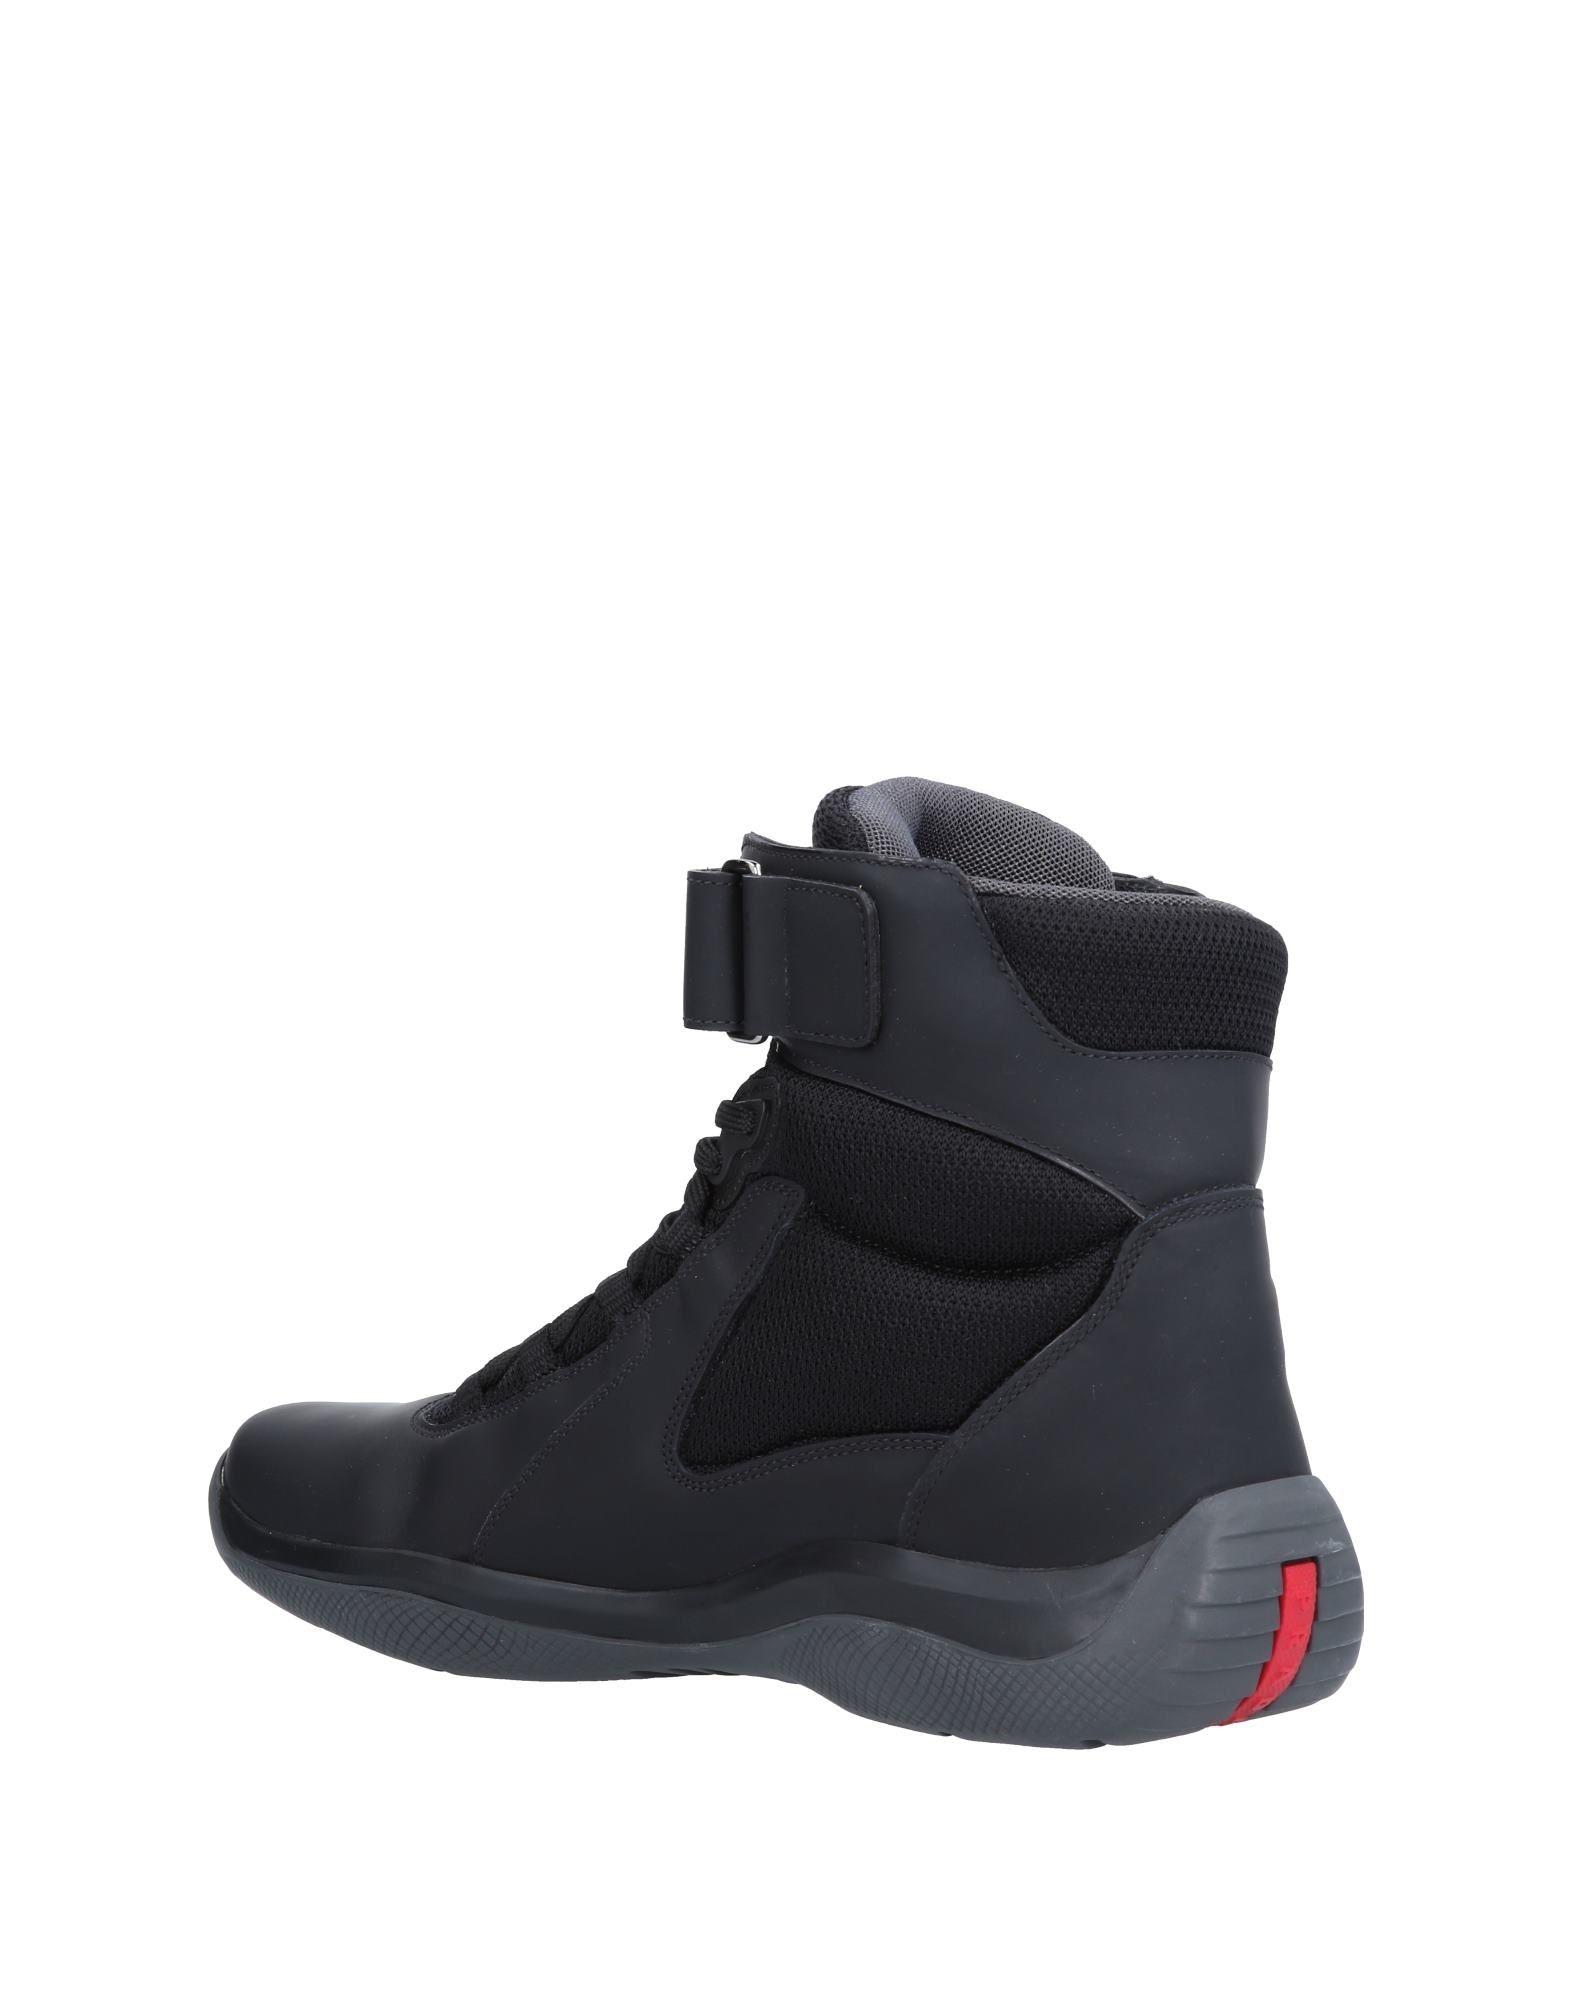 Prada Sport Sneakers Schuhe Herren  11501977CC Neue Schuhe Sneakers 6c0e69